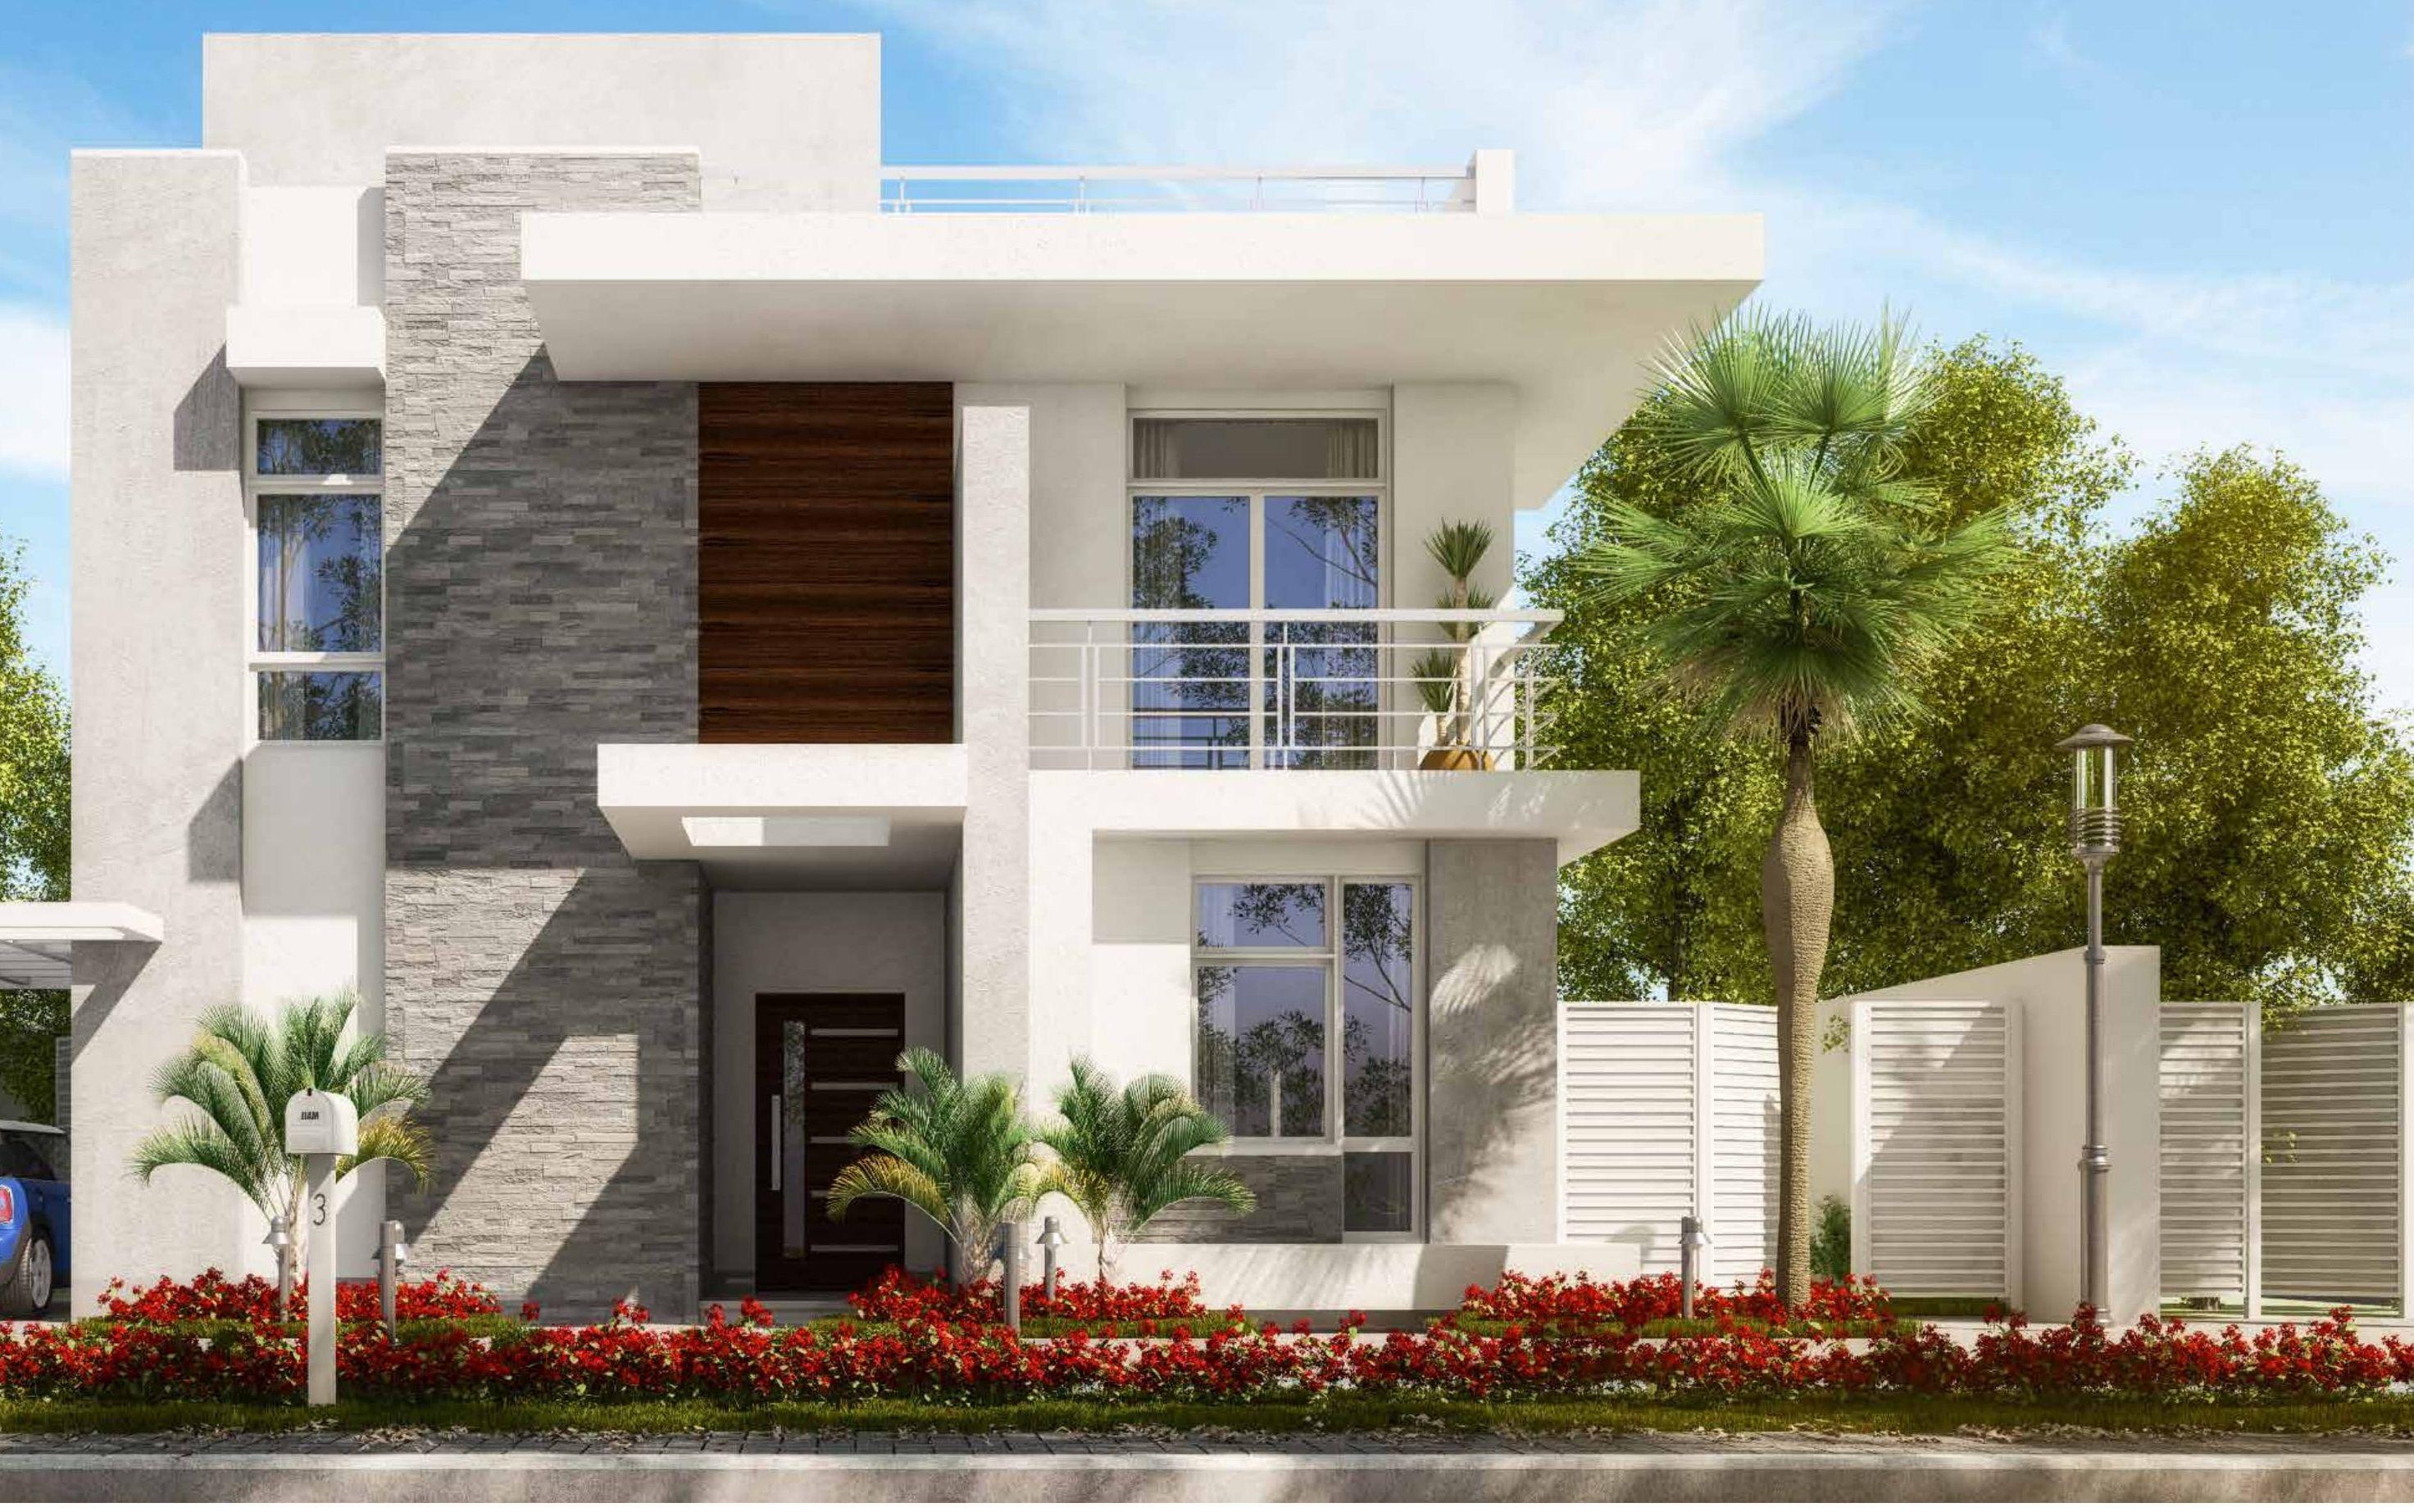 فلل للبيع في المقصد العاصمة الجديدة House Styles Mansions House